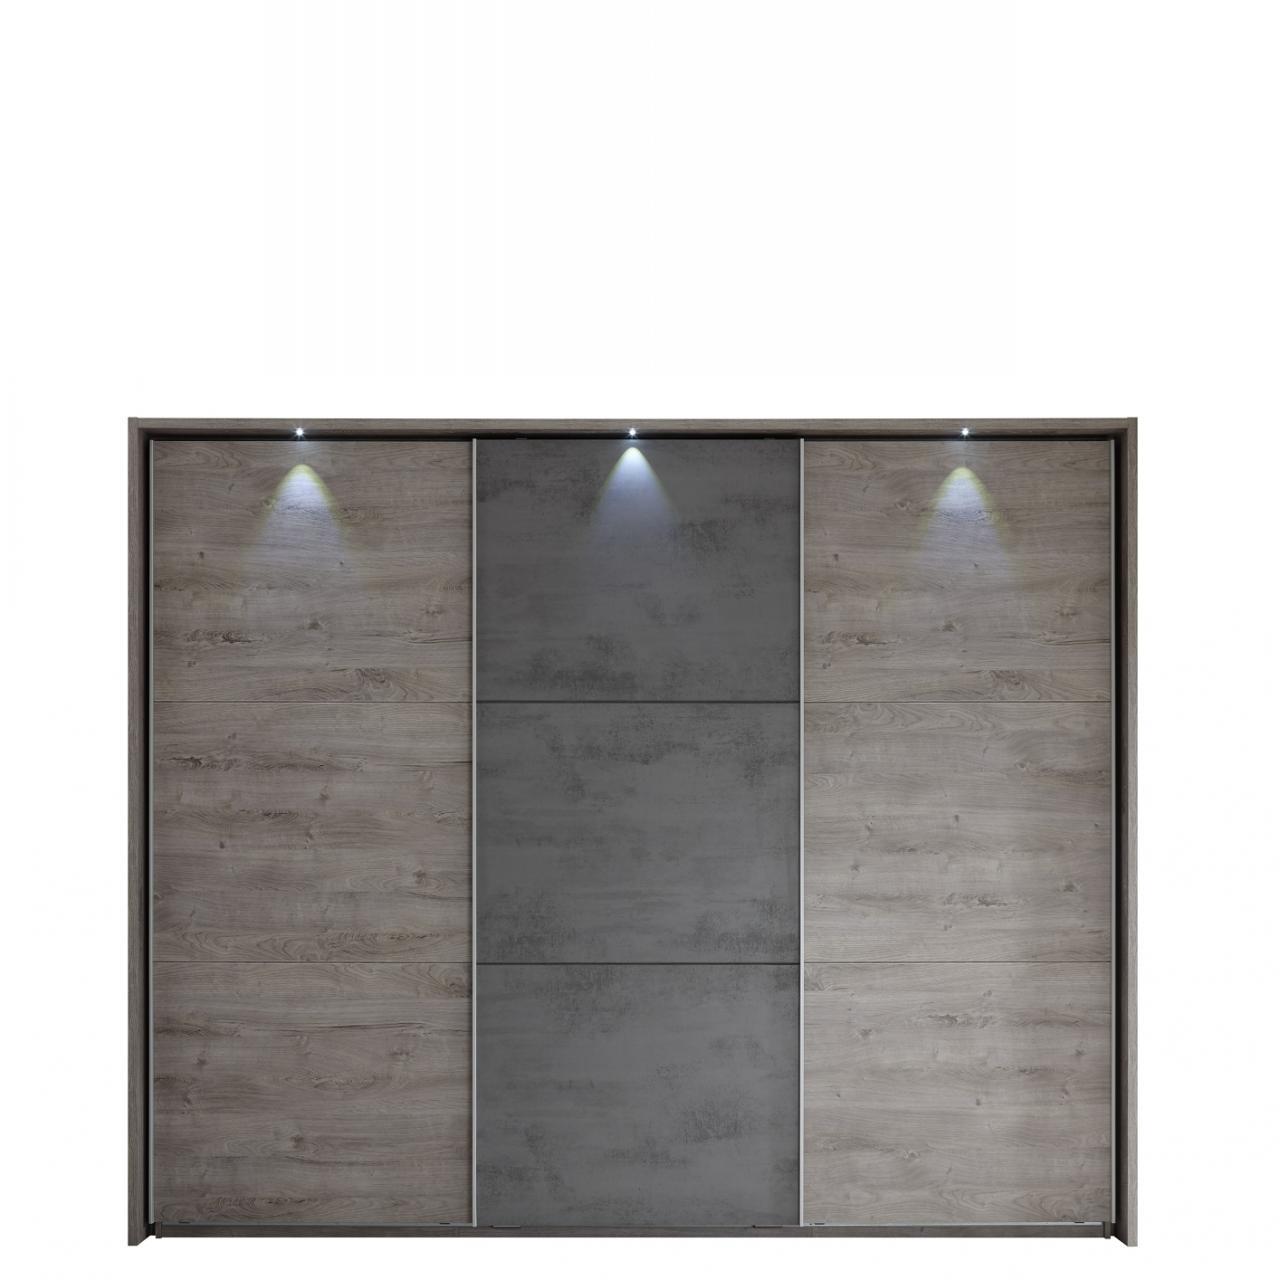 kleiderschr nke online kaufen m bel j hnichen center gmbh m bel j hnichen center gmbh. Black Bedroom Furniture Sets. Home Design Ideas